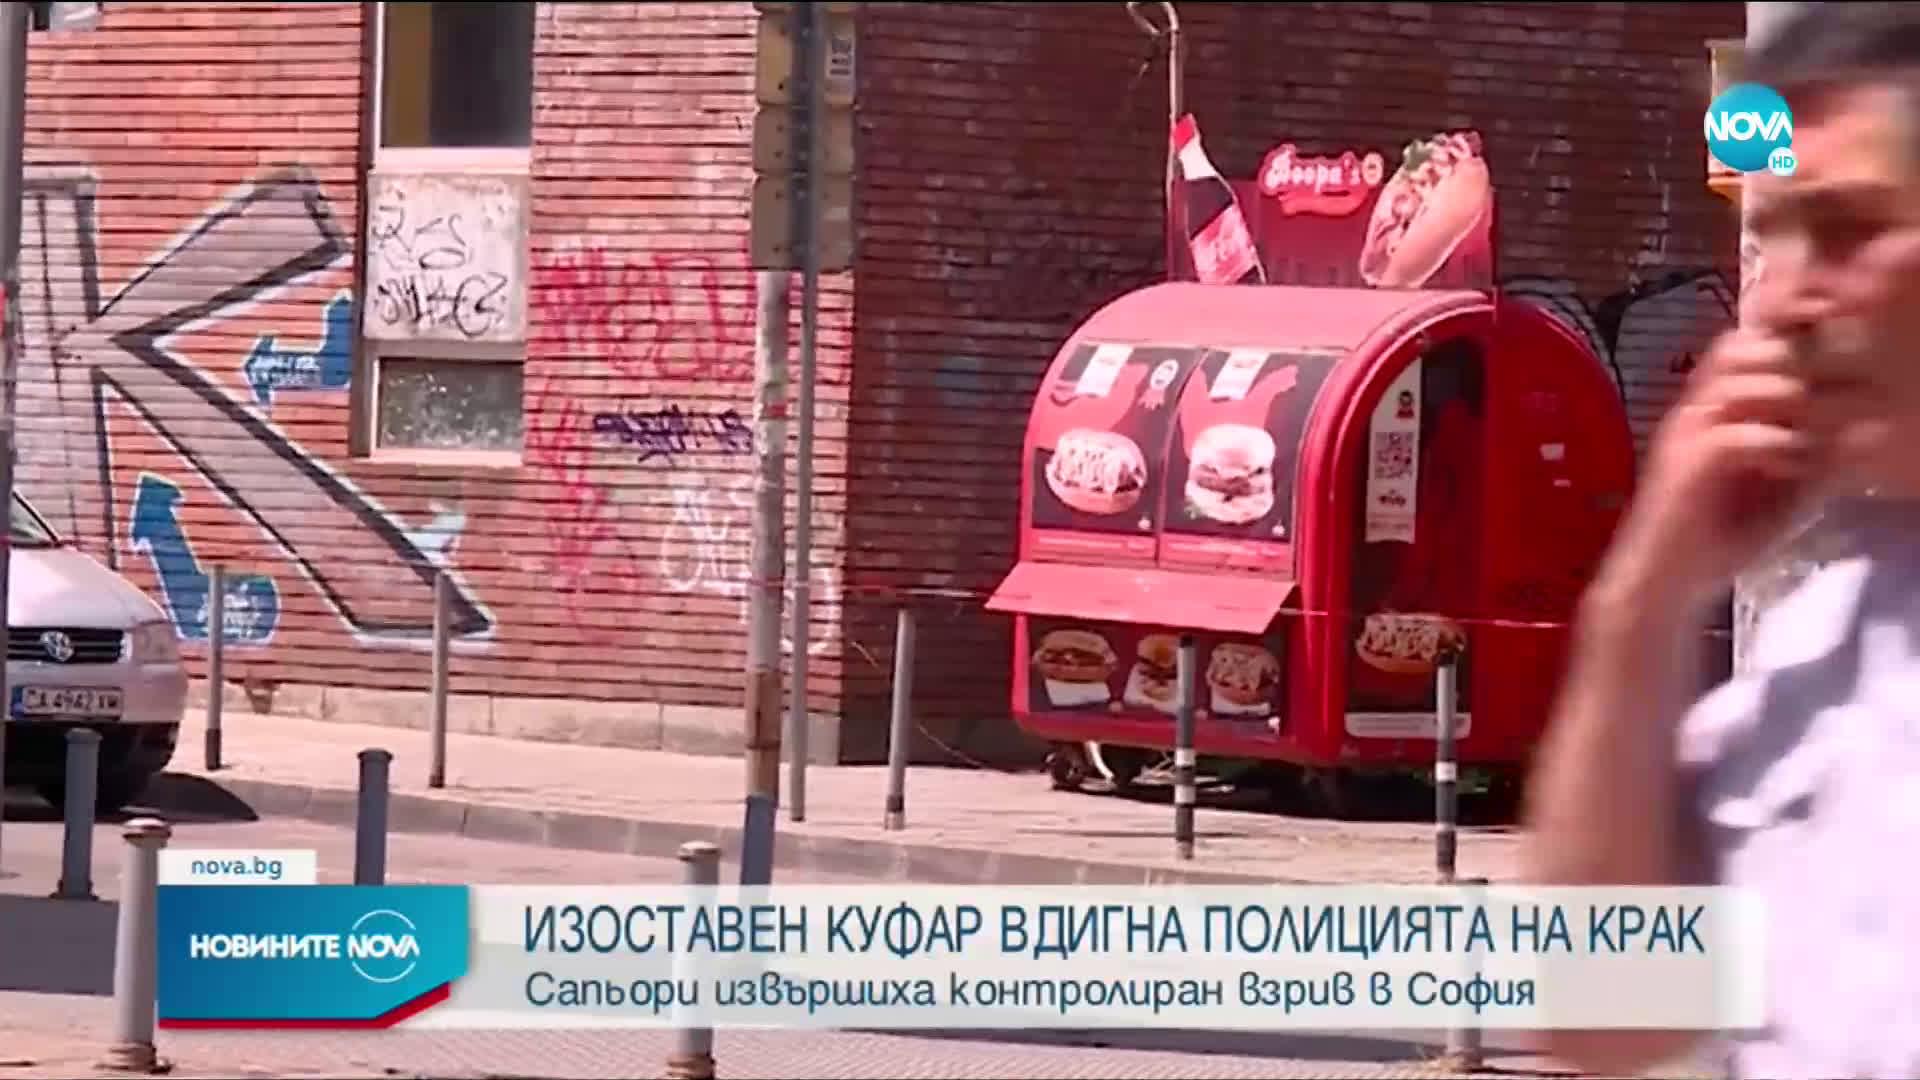 Изоставен куфар вдигна на крак полицията в София